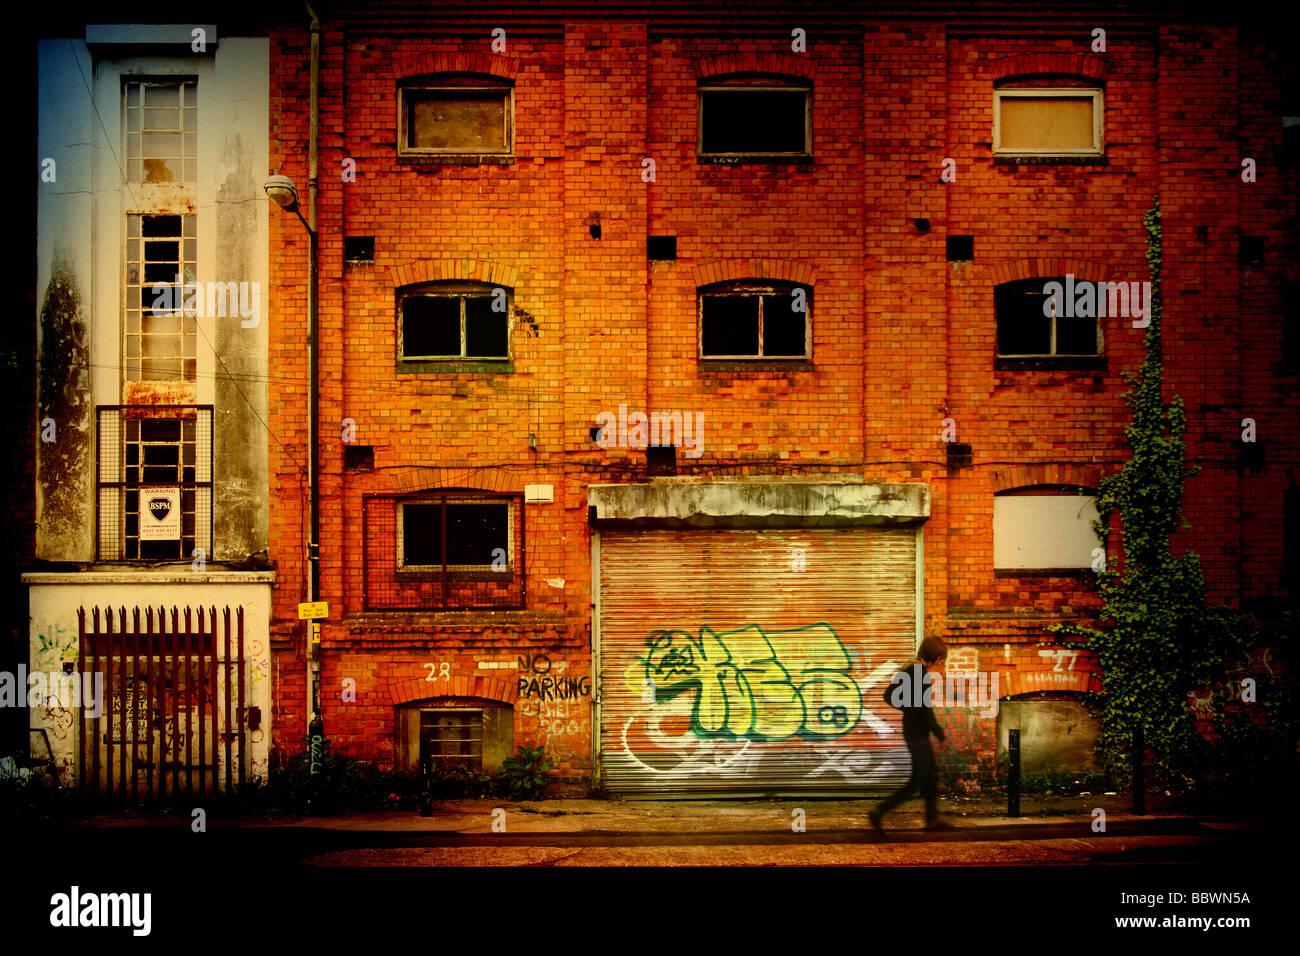 La vida en la calle urbana Imagen De Stock